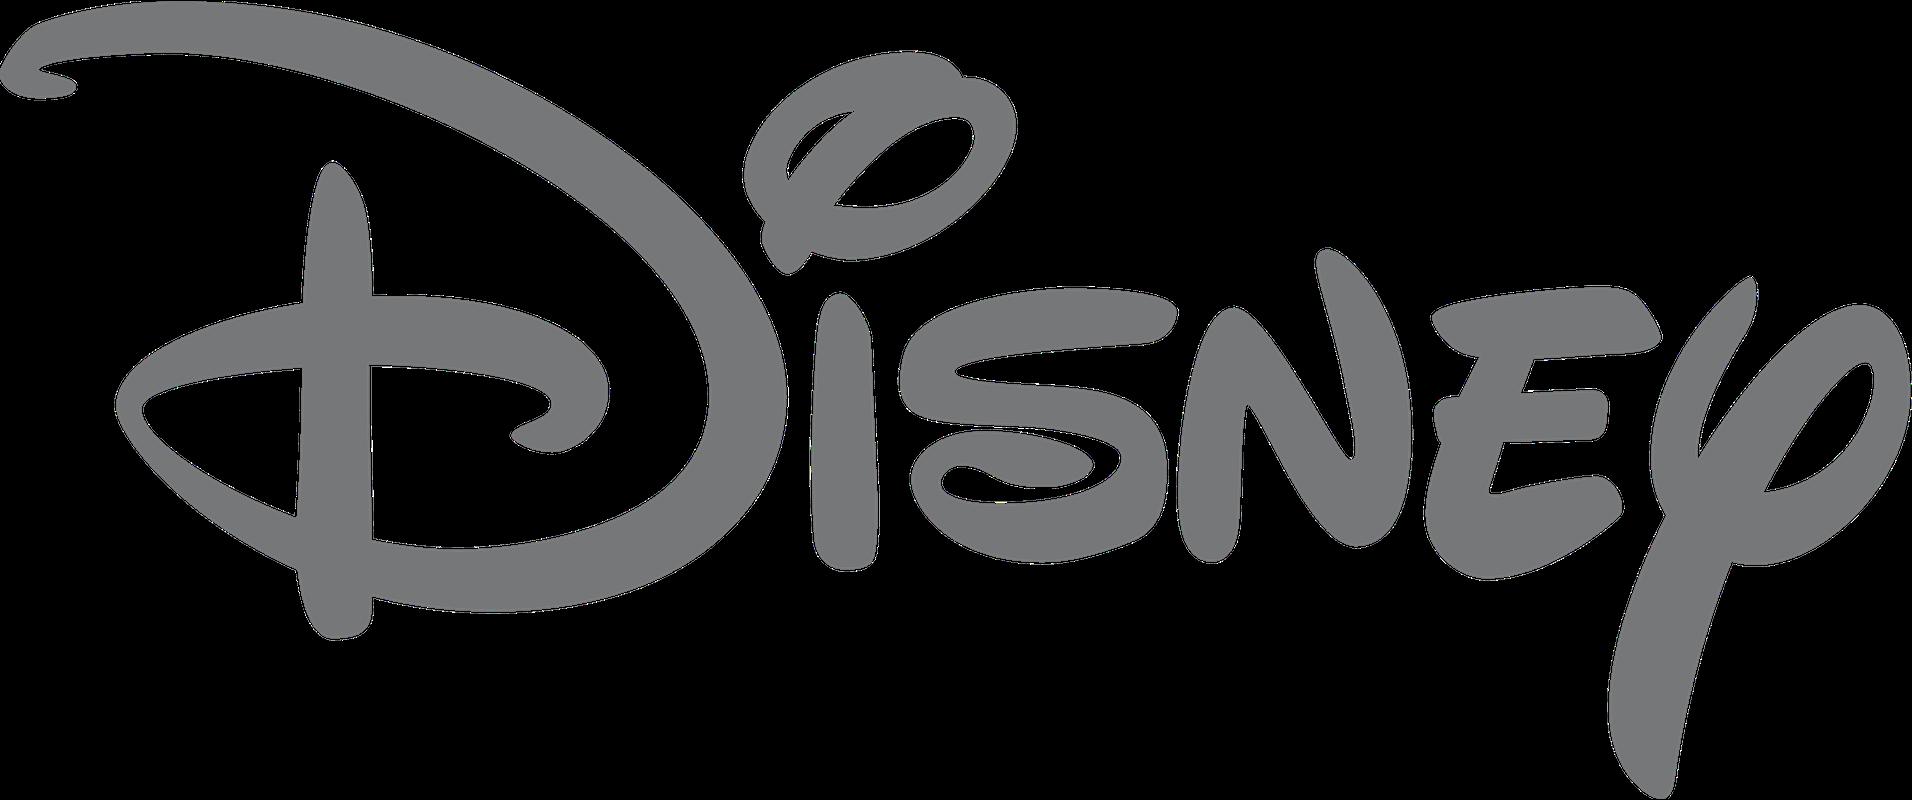 disney-logo.png